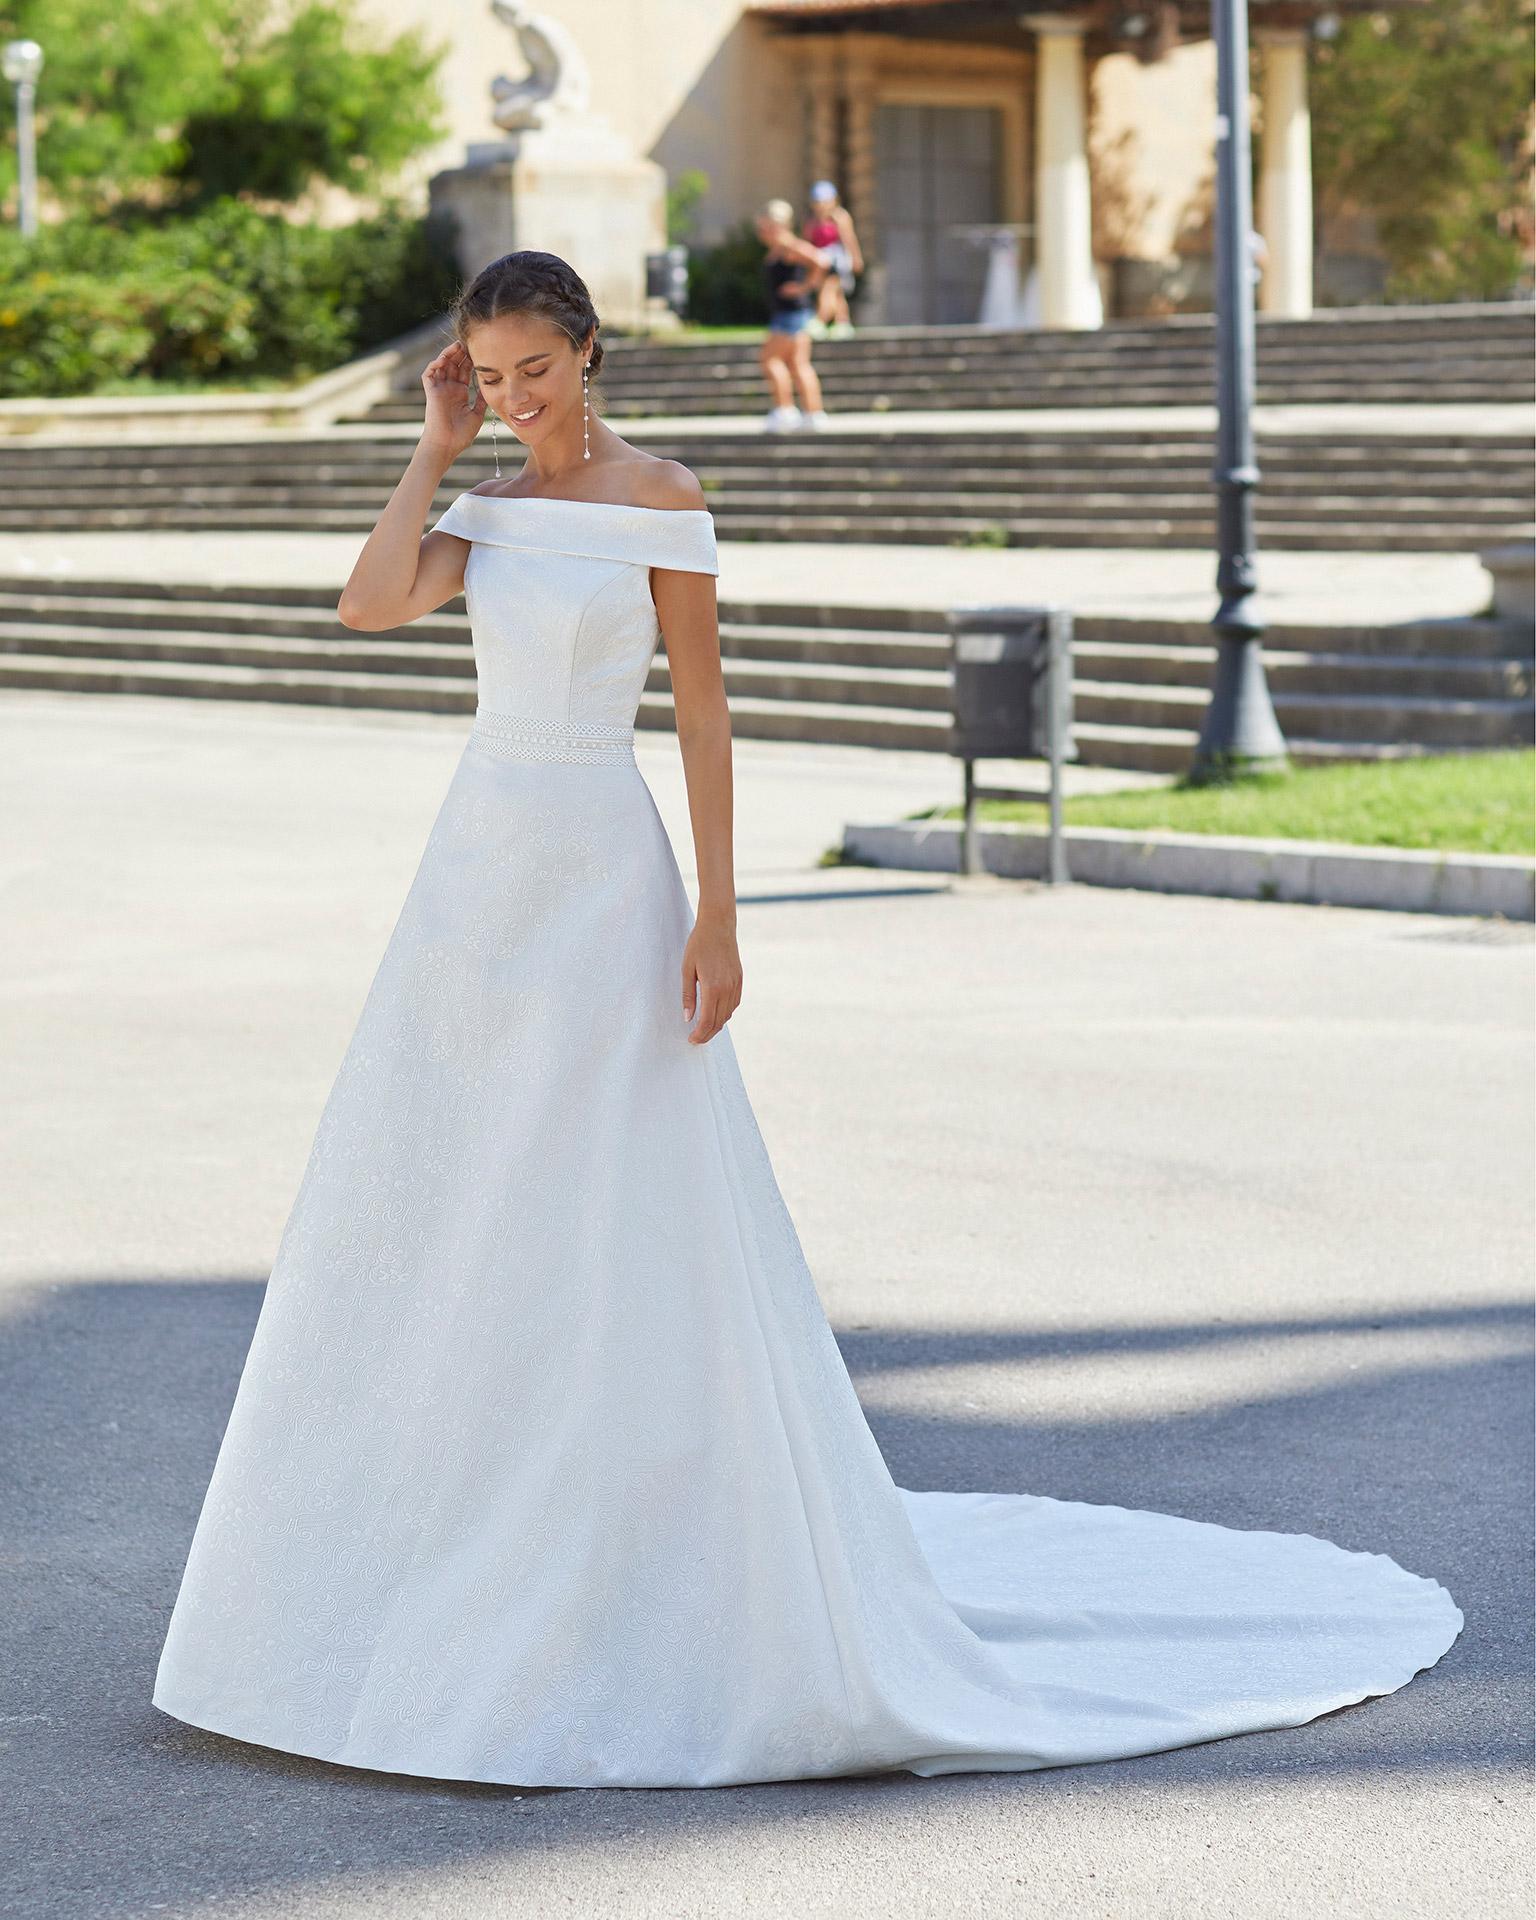 Vestido de novia estilo clásico de brocado, encaje y pedrería en cintura. Escote palabra de honor. Colección  2021.